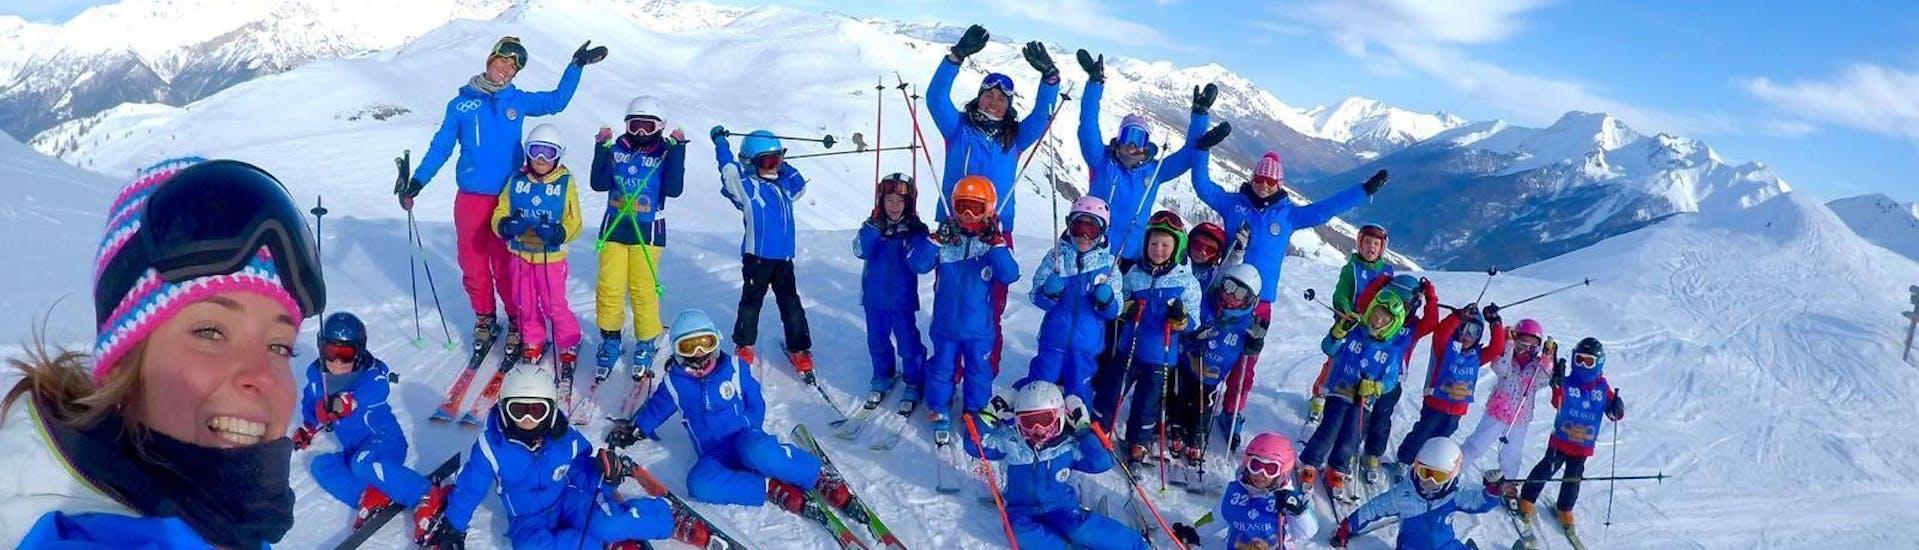 Un gruppo di bambini in posa con il maestro di sci della Scuola di Sci Olimpionica sulla cima di una montagna a Sestriere prima di iniziare le Lezioni di sci per bambini (5-12 anni) - Principianti assoluti.